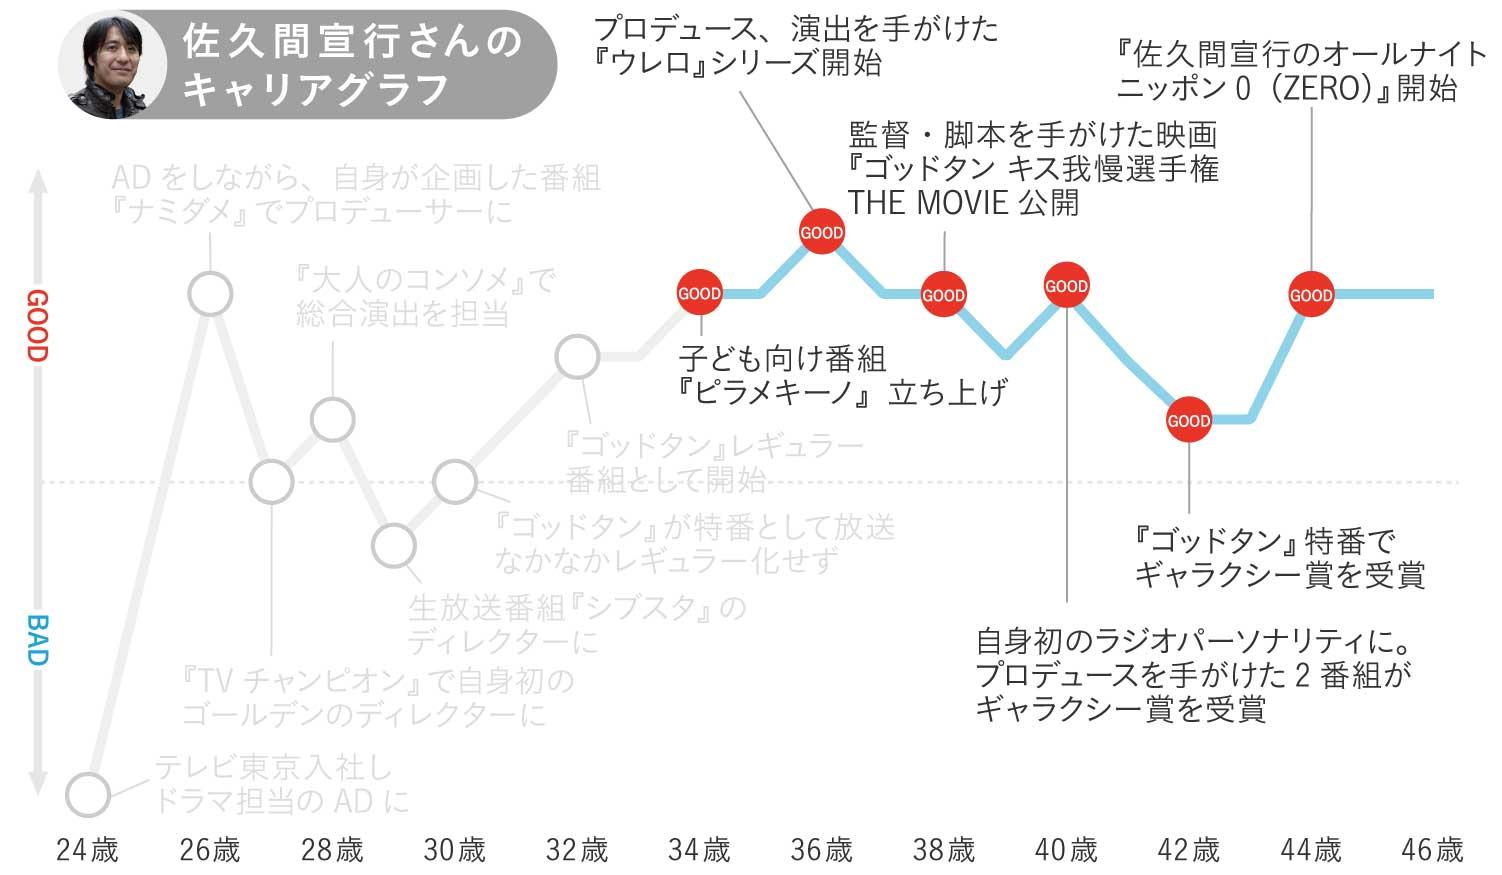 佐久間宣行さんのキャリアグラフ4